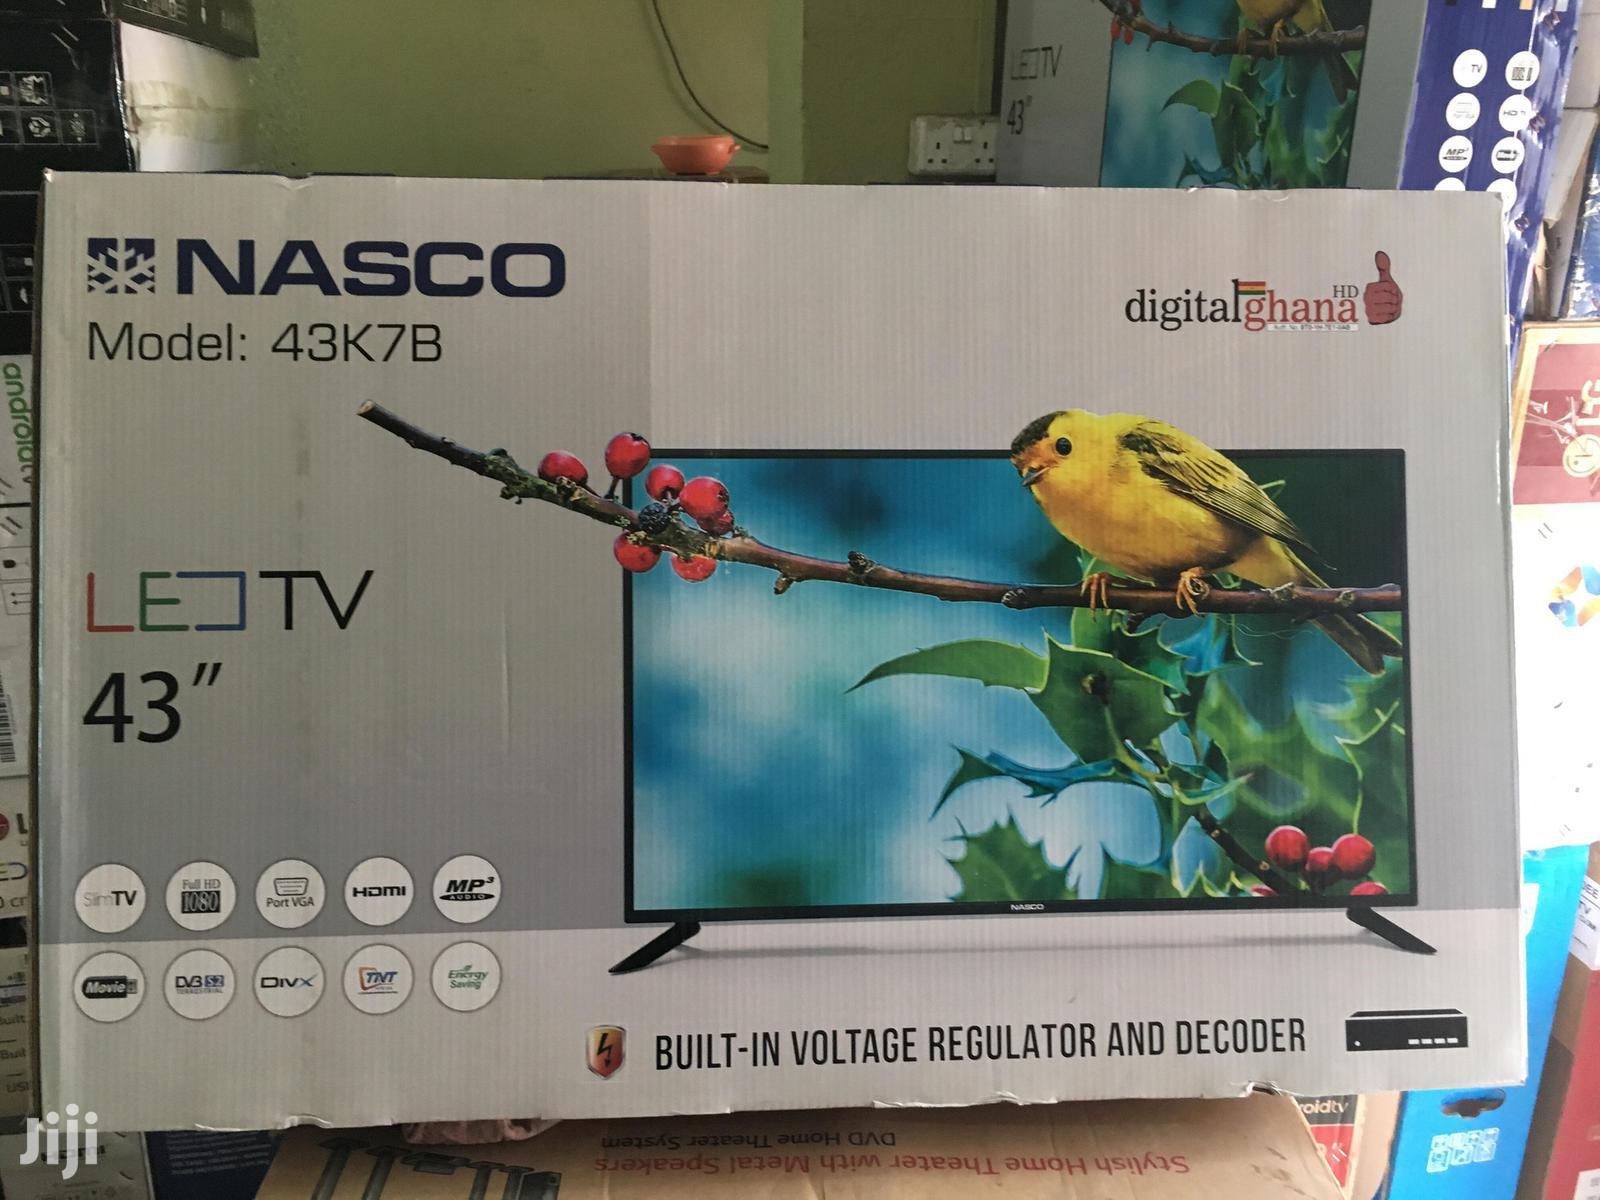 Brand New Nasco 43 Digital Satellite LED TV